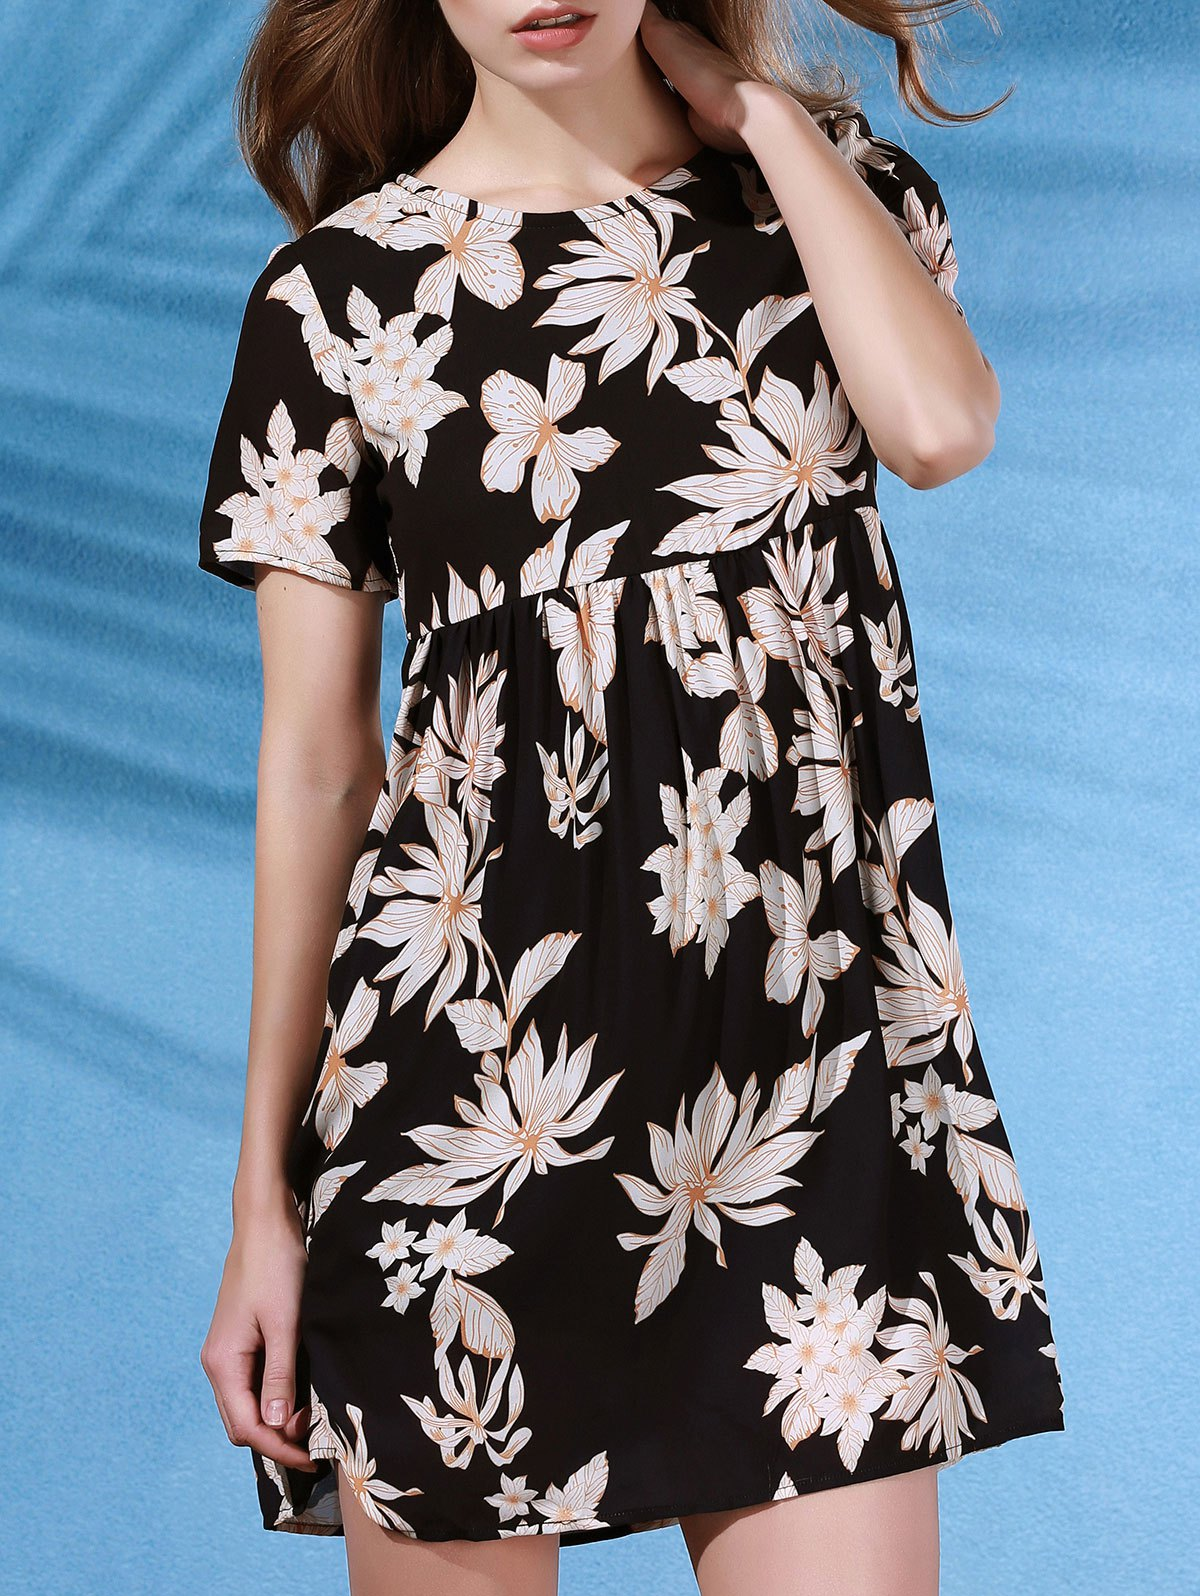 Round Collar Flower Print Short Sleeve DressClothes<br><br><br>Size: S<br>Color: BLACK